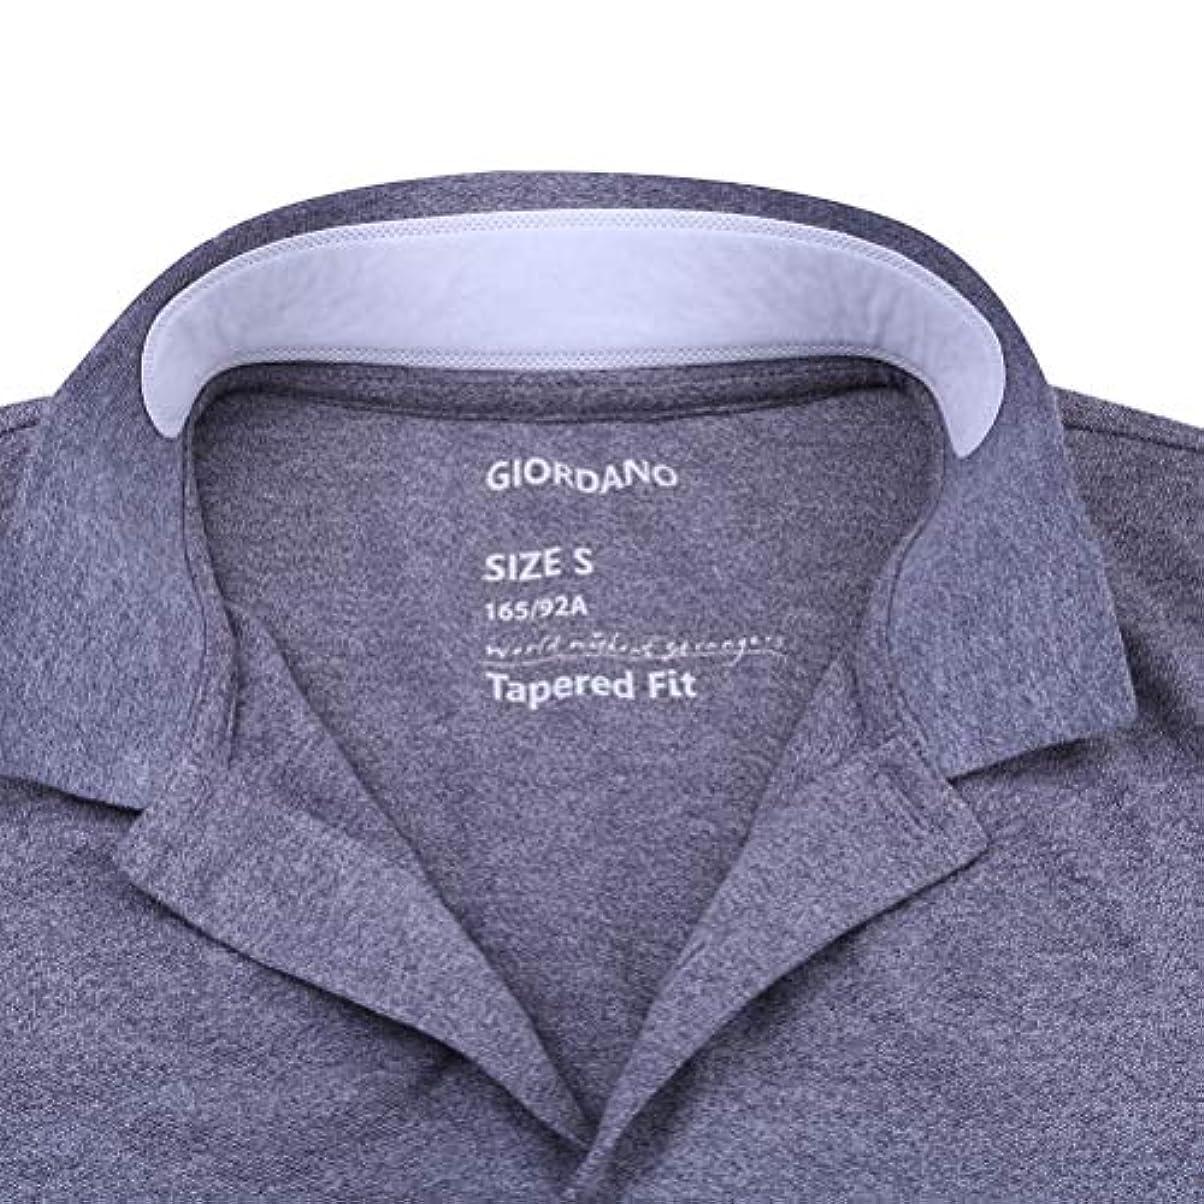 予定豆マニアOUNONA よごれガードテープ 襟 汗取りパッド ワイシャツ 汗取りシート えり汚れ防止 1枚